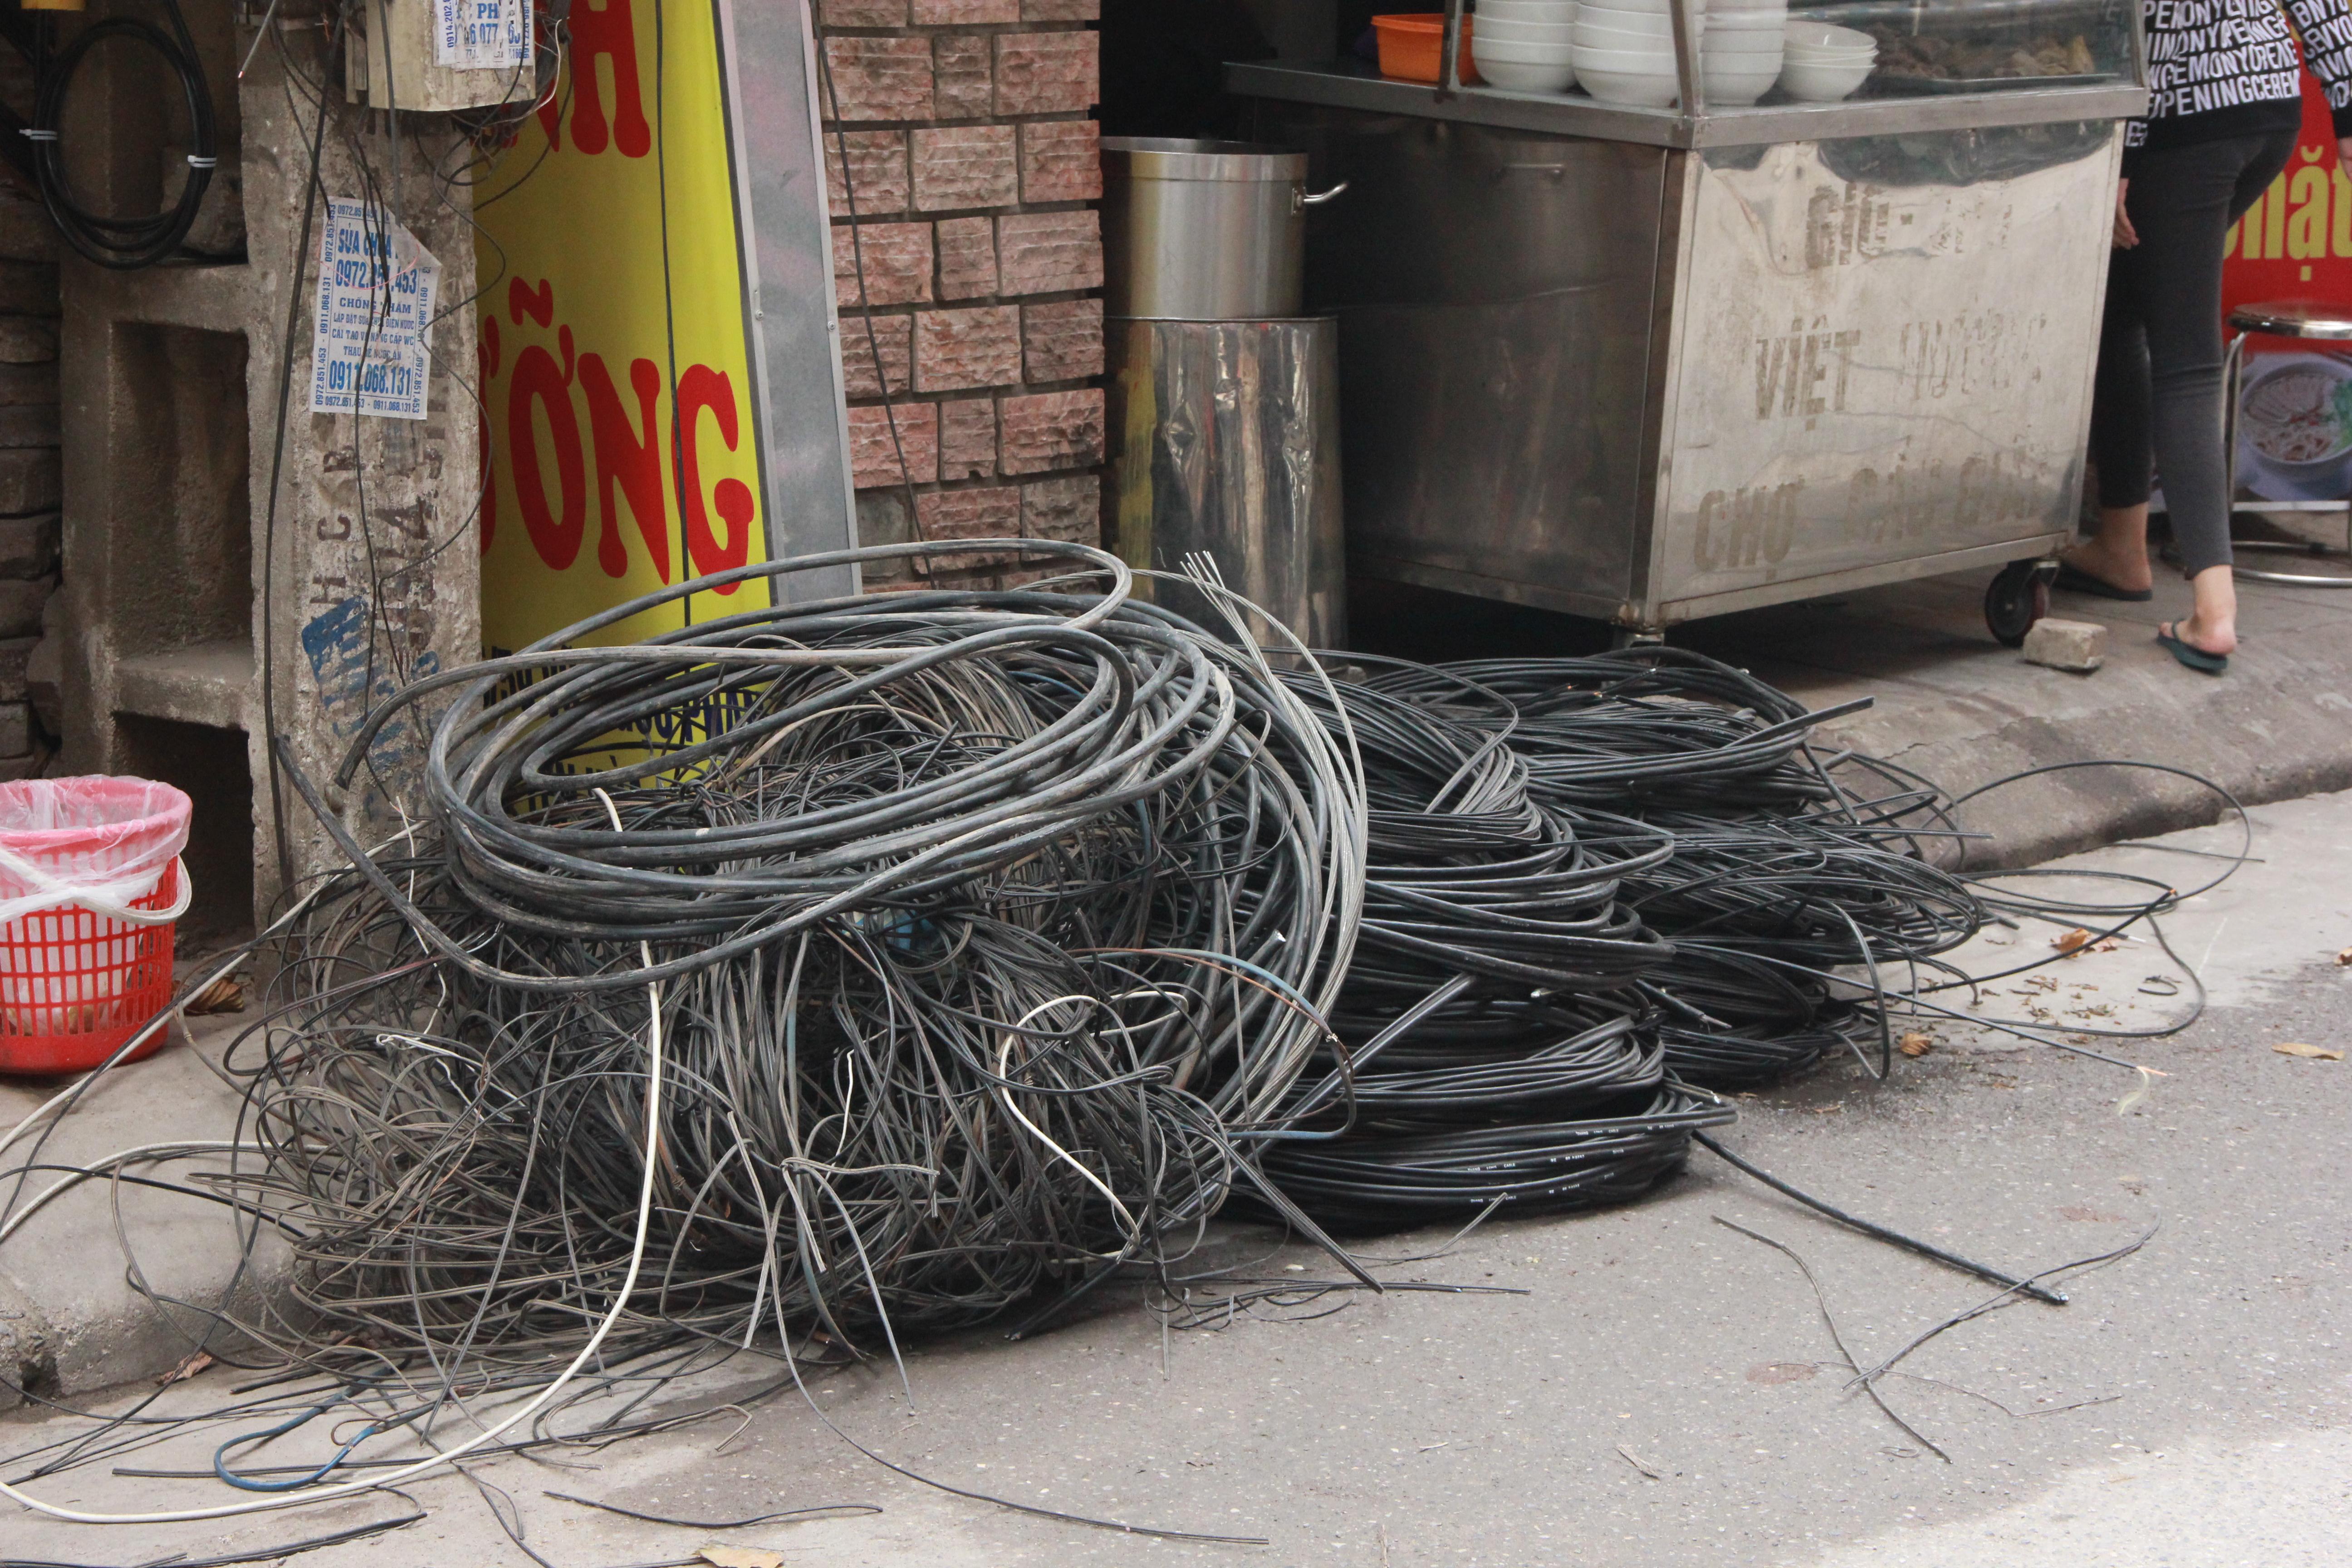 Hình ảnh Cận cảnh dọn ổ mạng nhện khổng lồ ở Hà Nội số 14